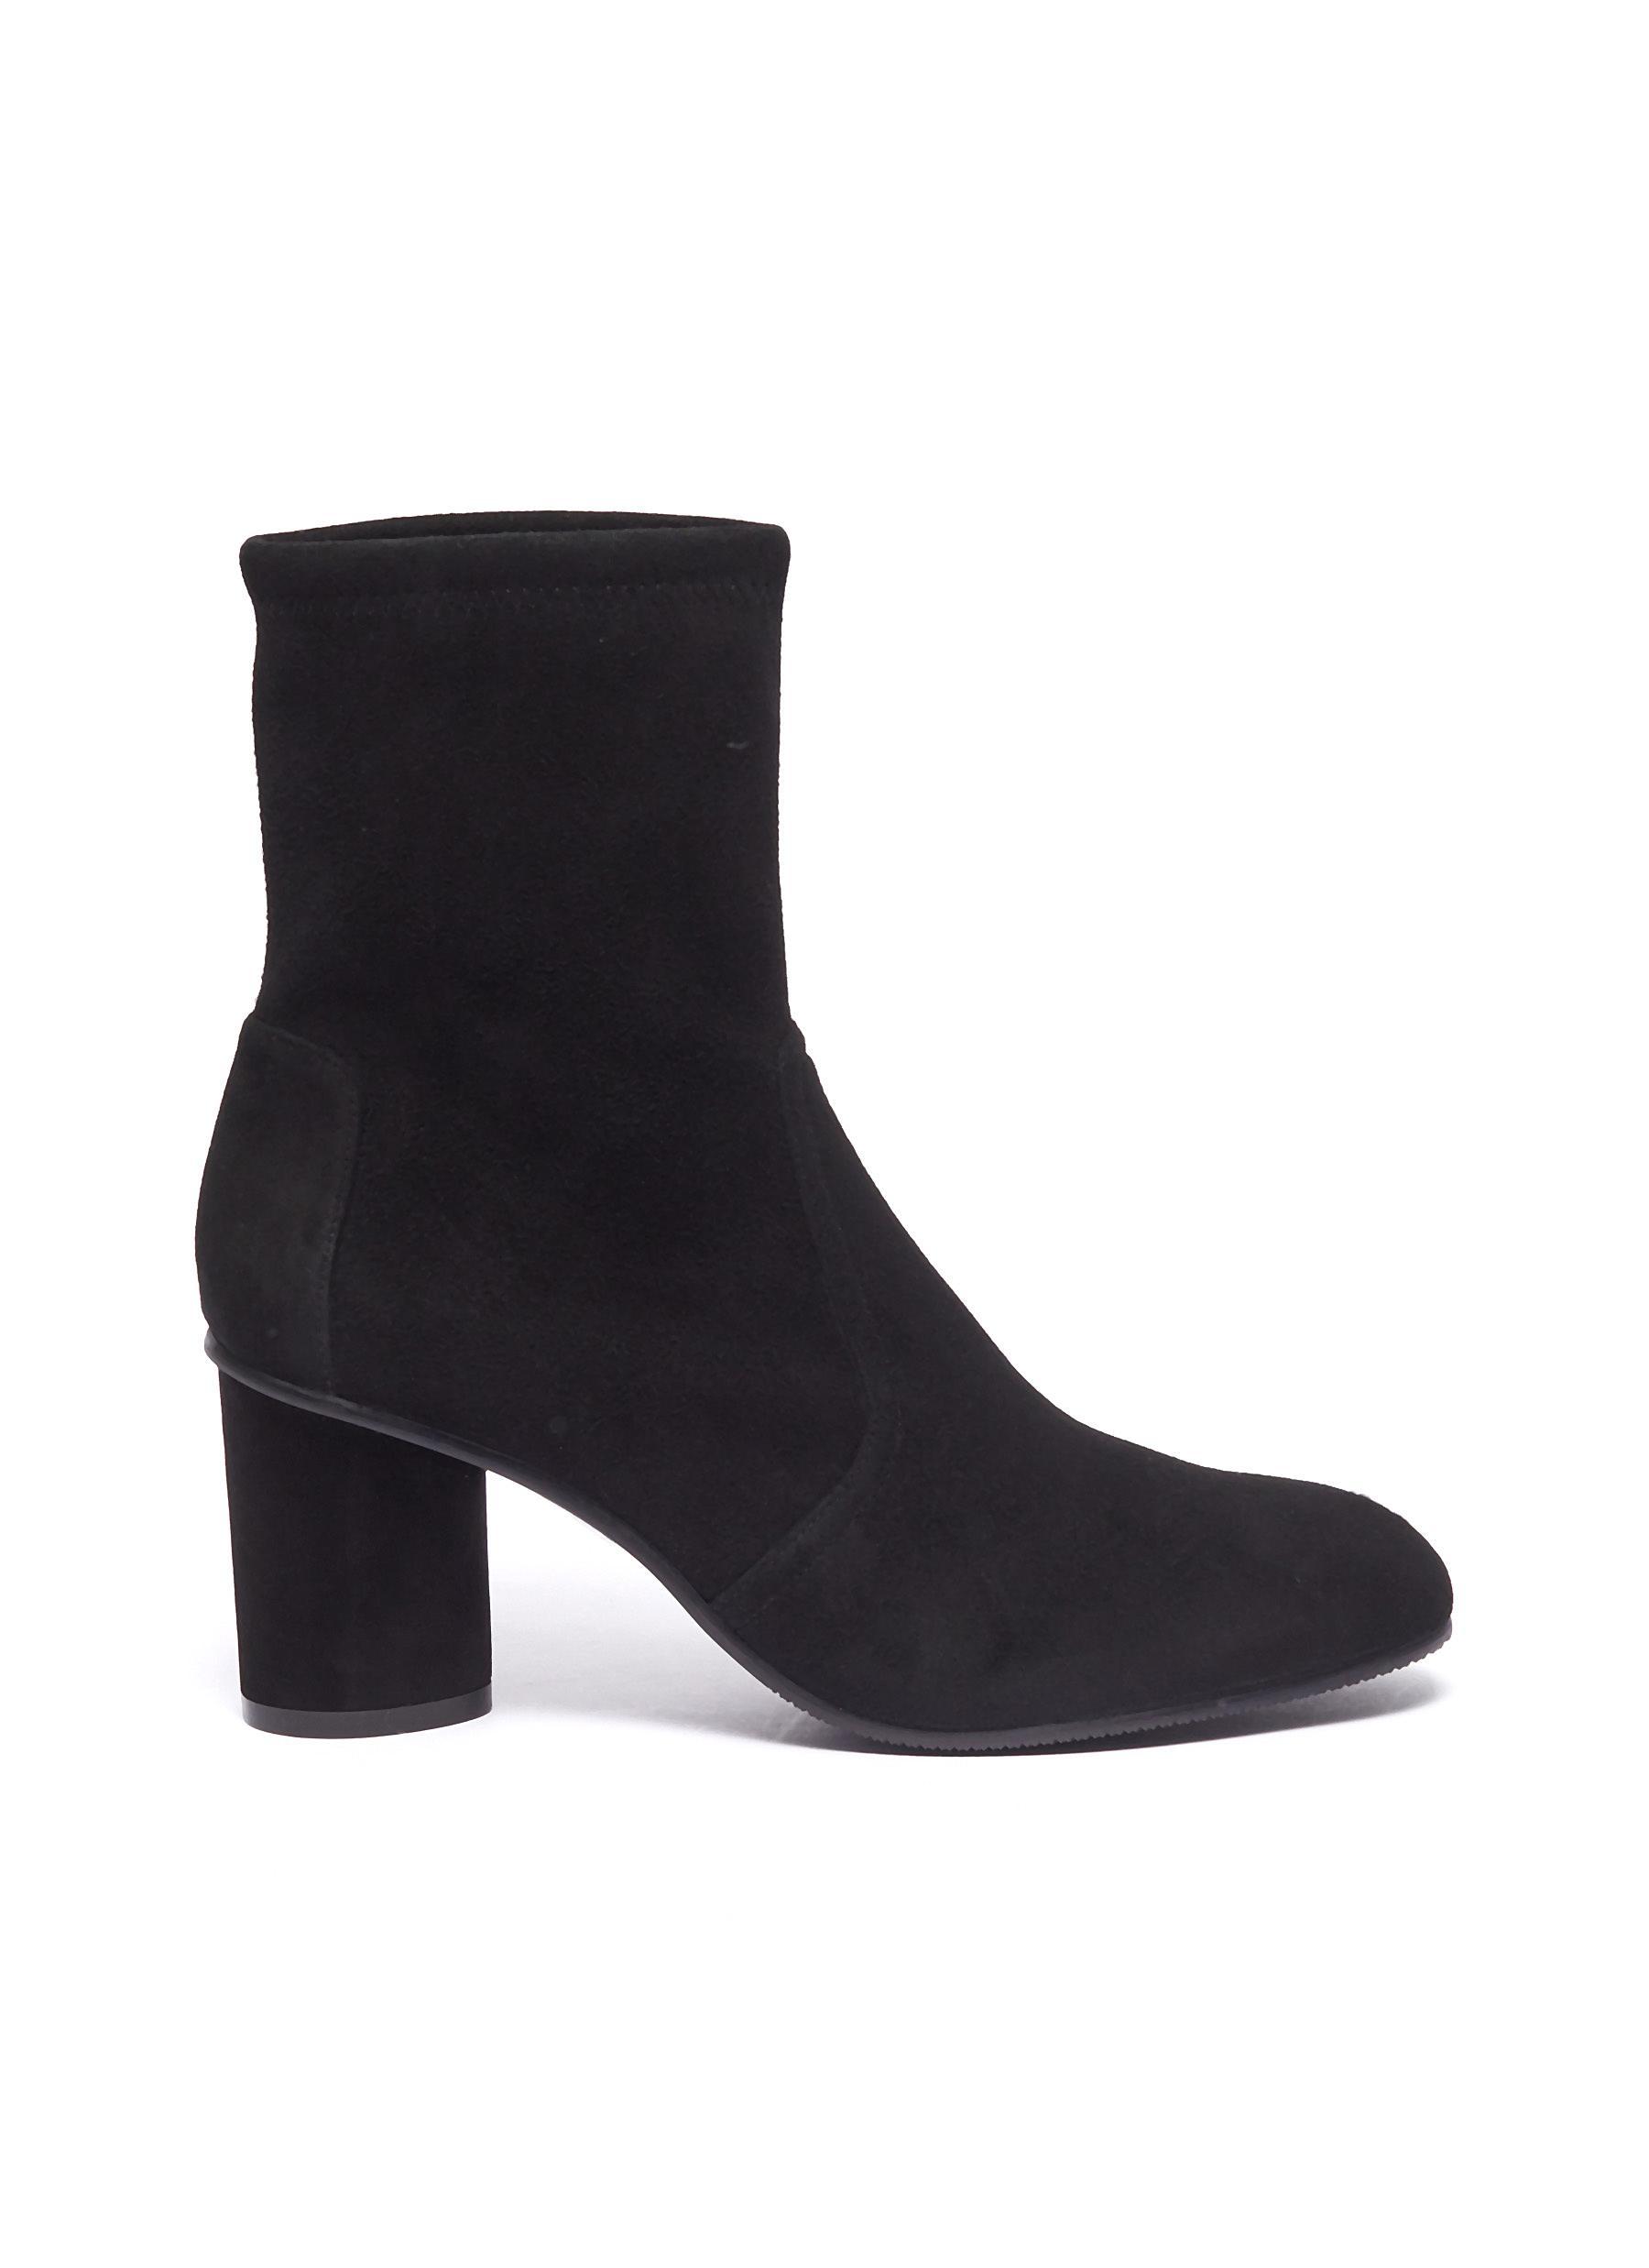 Margot cylinder heel stretch suede ankle boots by Stuart Weitzman